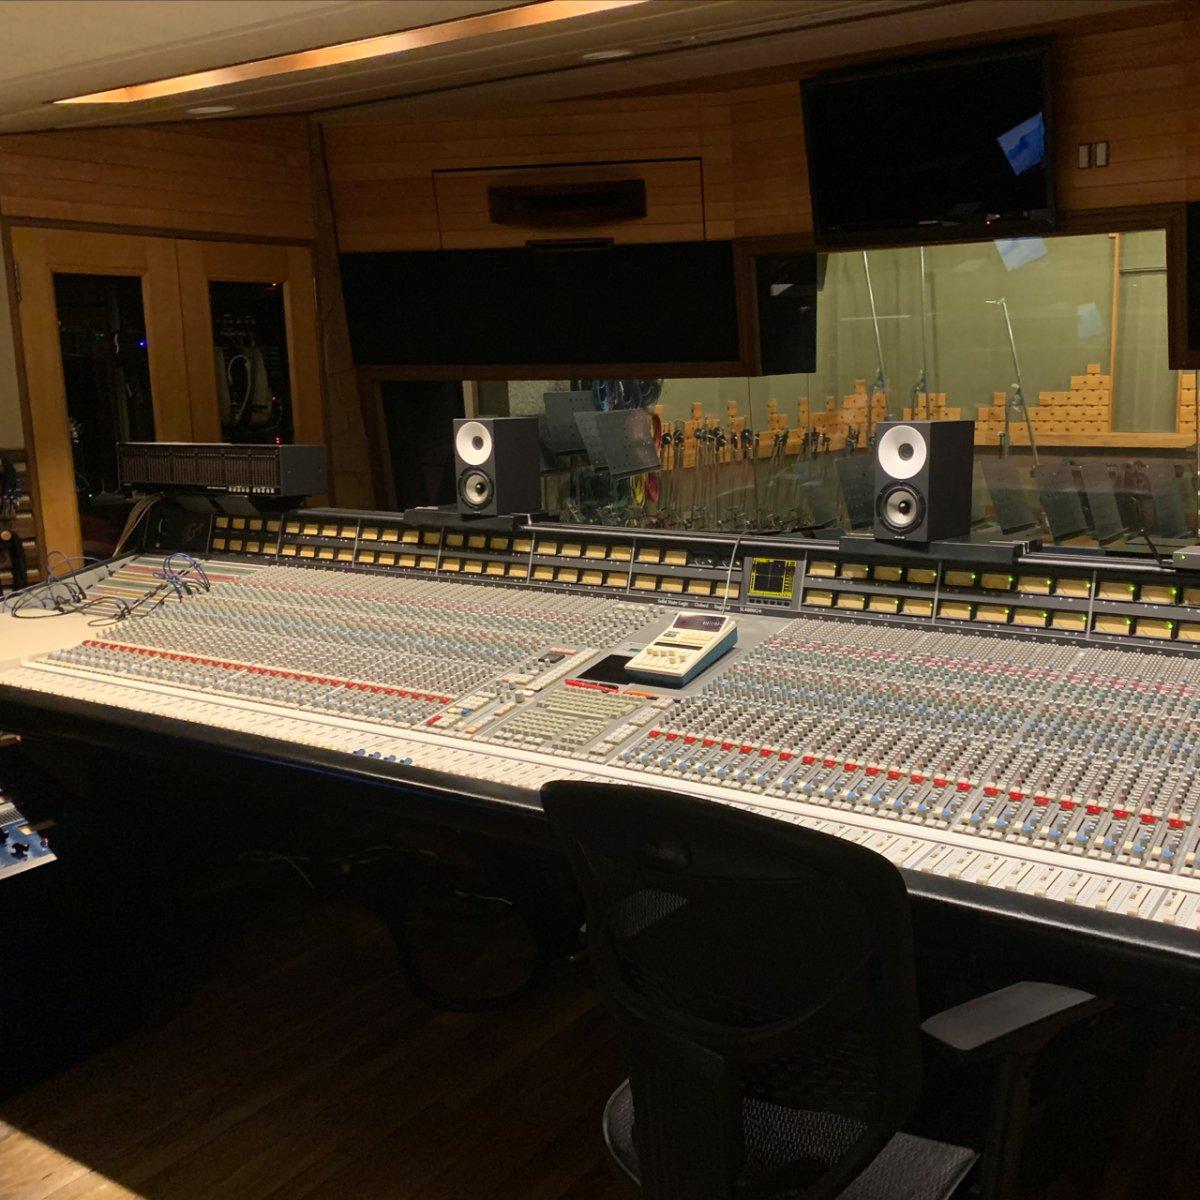 【翌日発送!驚き高音質、ピュア&クリーン】One12 + Amp700+ スピーカー ケーブル バンドルセット